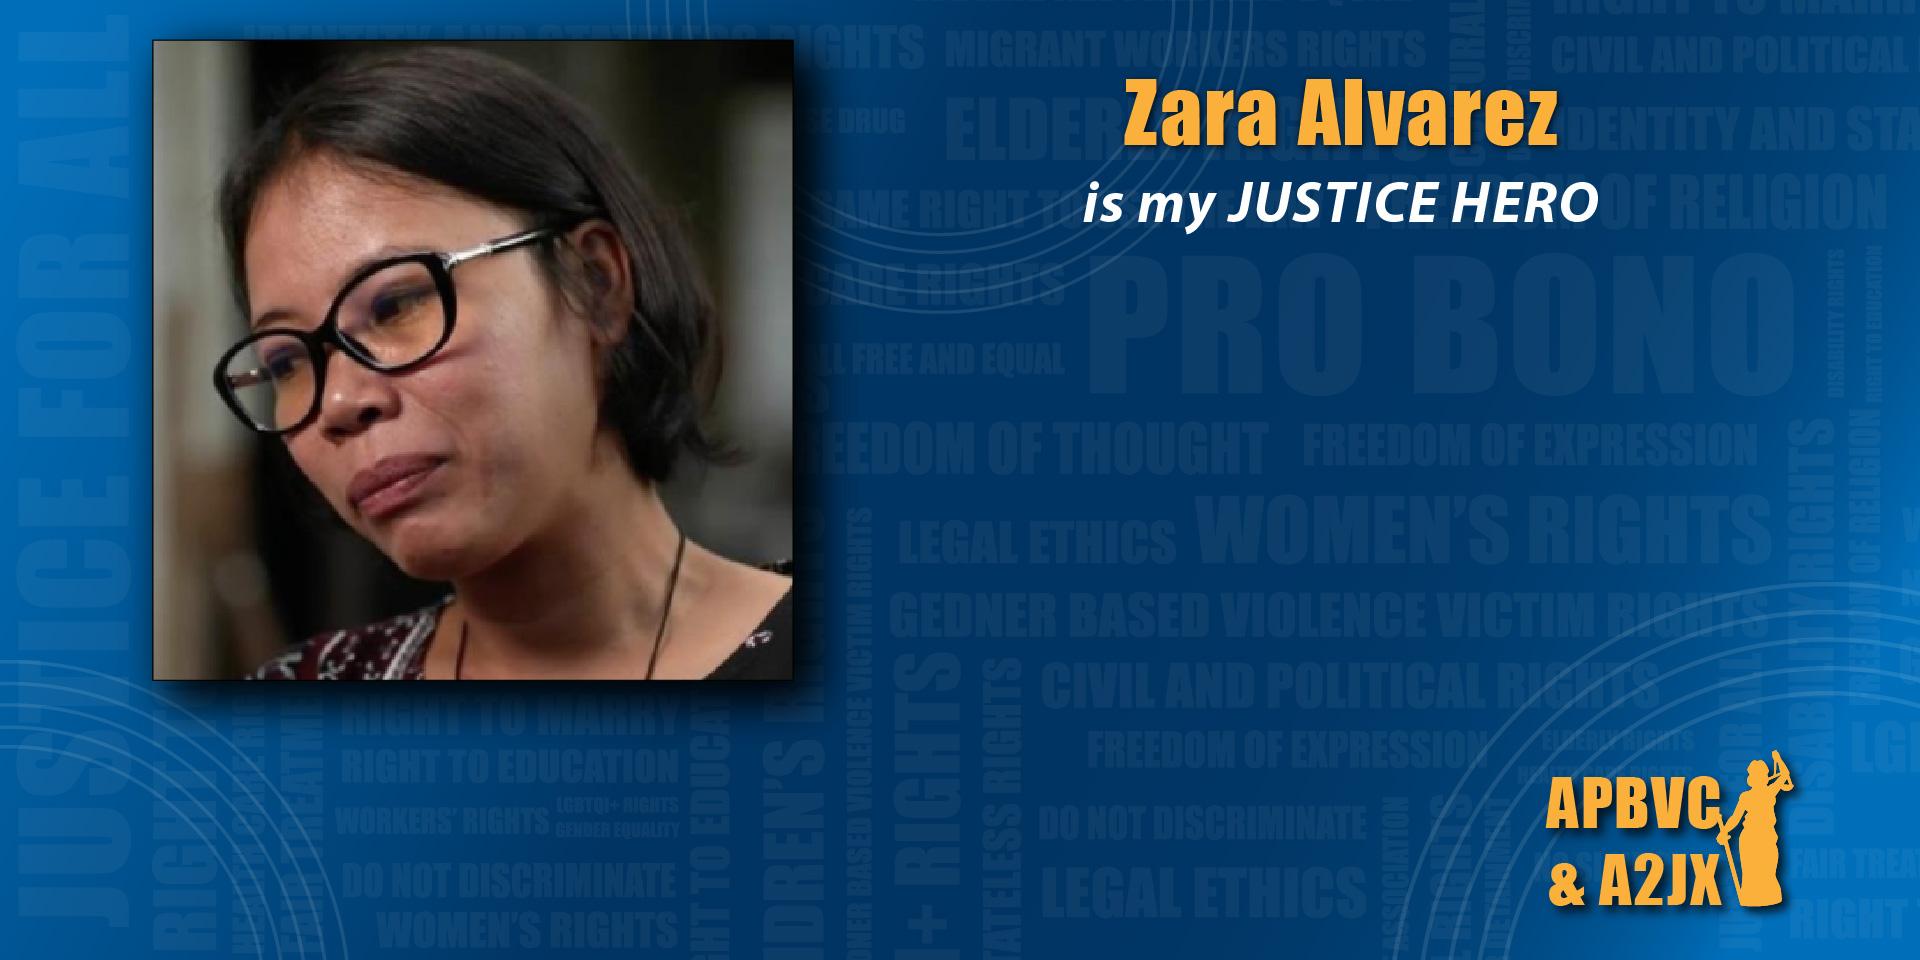 Zara Alvarez